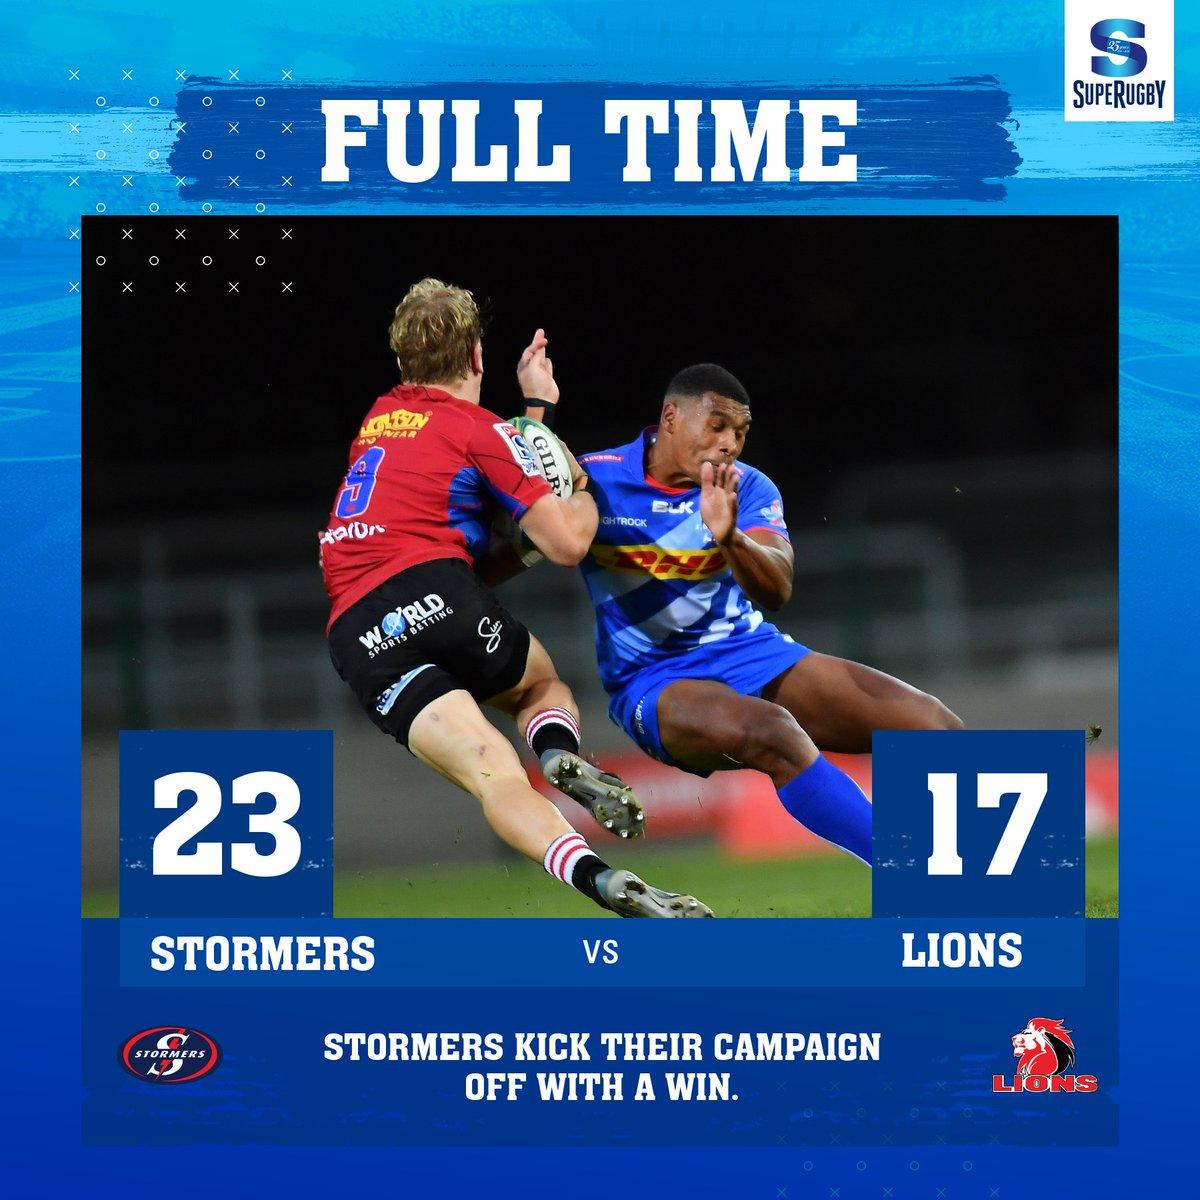 #SuperRugbyUnlocked / #Round2  #Stormers vs #Lions  23-17 #Stormers tuvo un comienzo ganador en su campaña Super Rugby Unlocked, viniendo desde atrás para vencer a los #Lions en Ciudad del Cabo.  #STOvsLIO #EmiratesAirlinesParkStadium #SuperRugby #SuperRugby25Years https://t.co/Y1aDD3Kdru